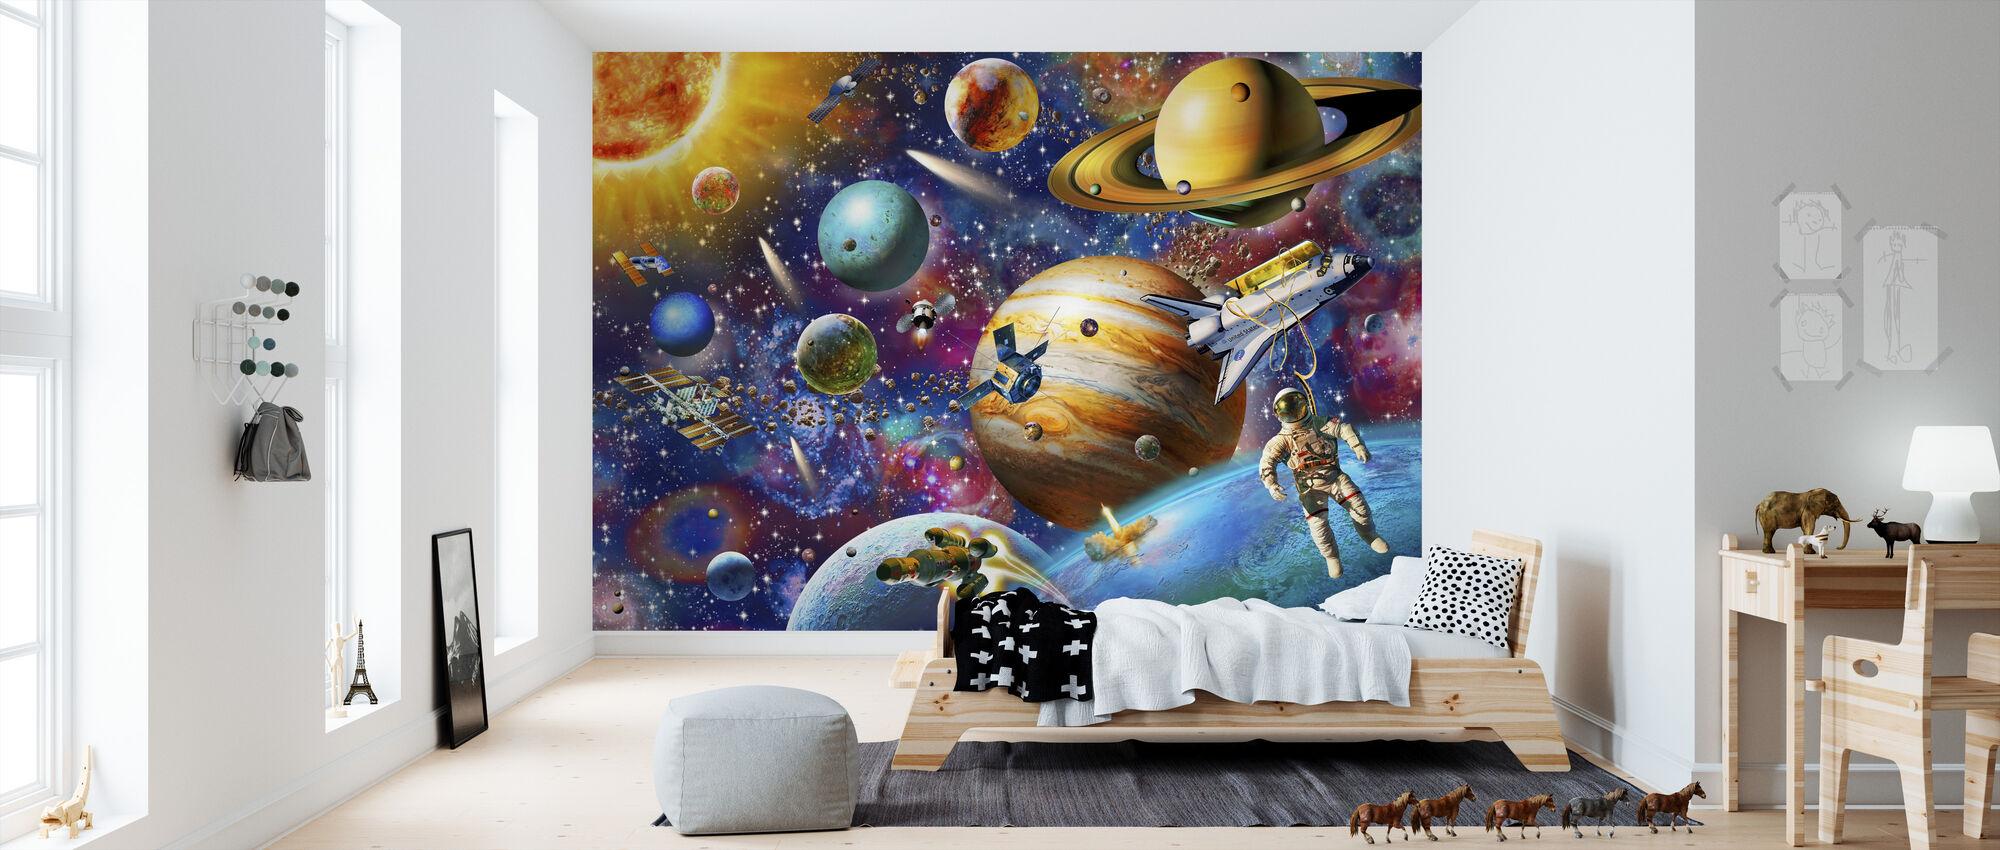 solar system odyssey - photo #26